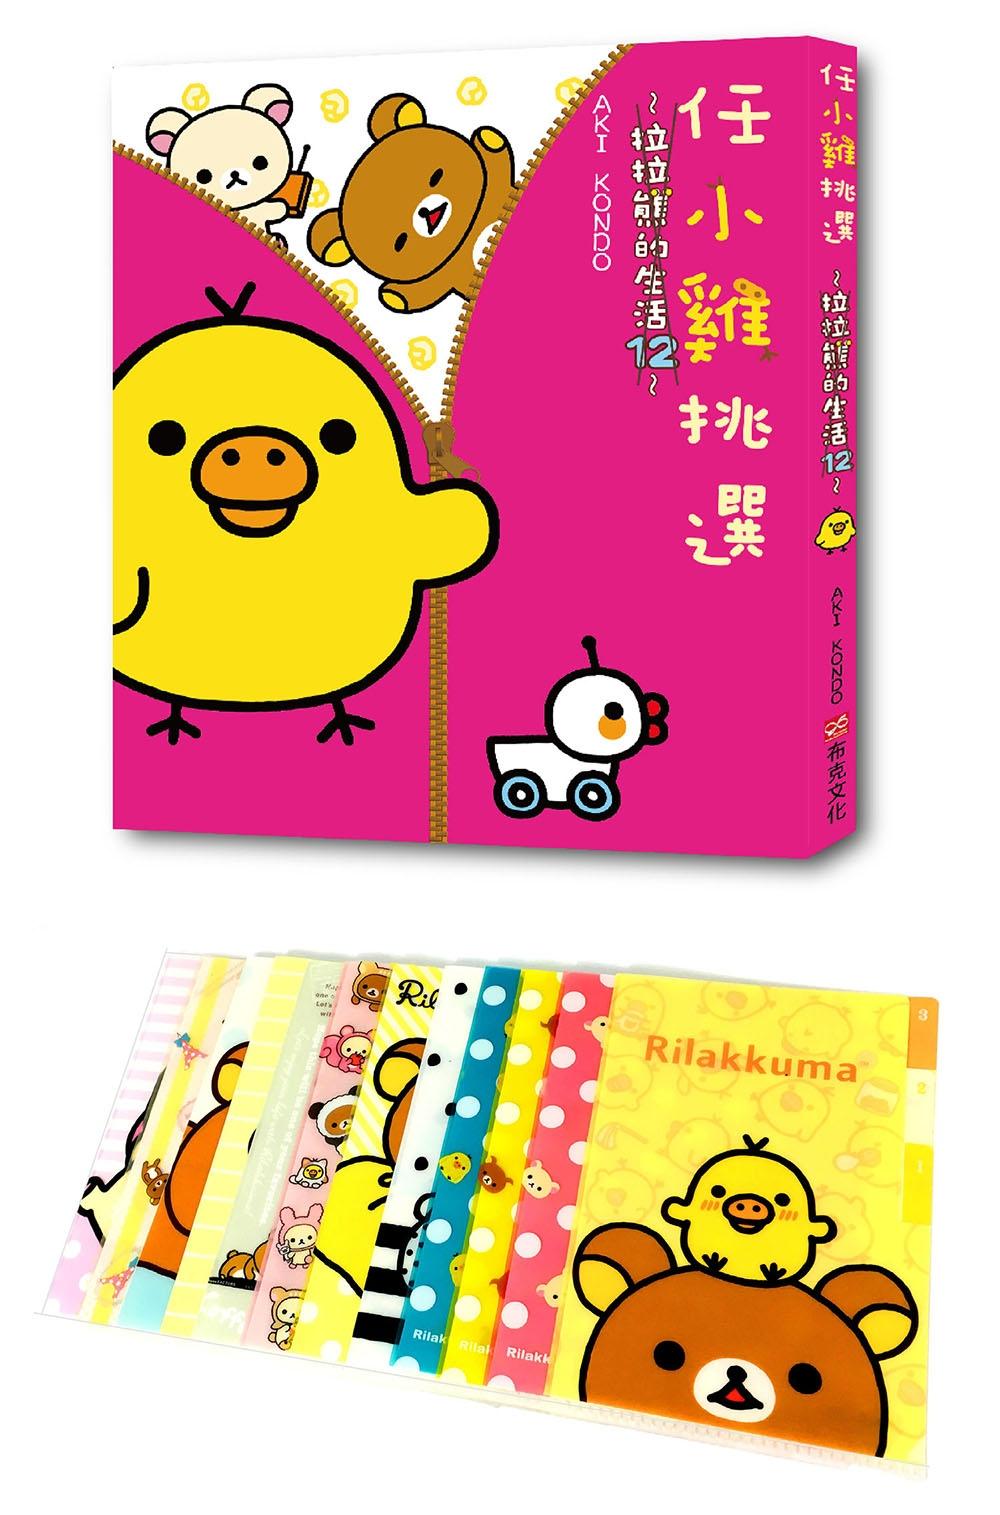 ◤博客來BOOKS◢ 暢銷書榜《推薦》任小雞挑選:拉拉熊的生活12(限量贈品A6資料夾)